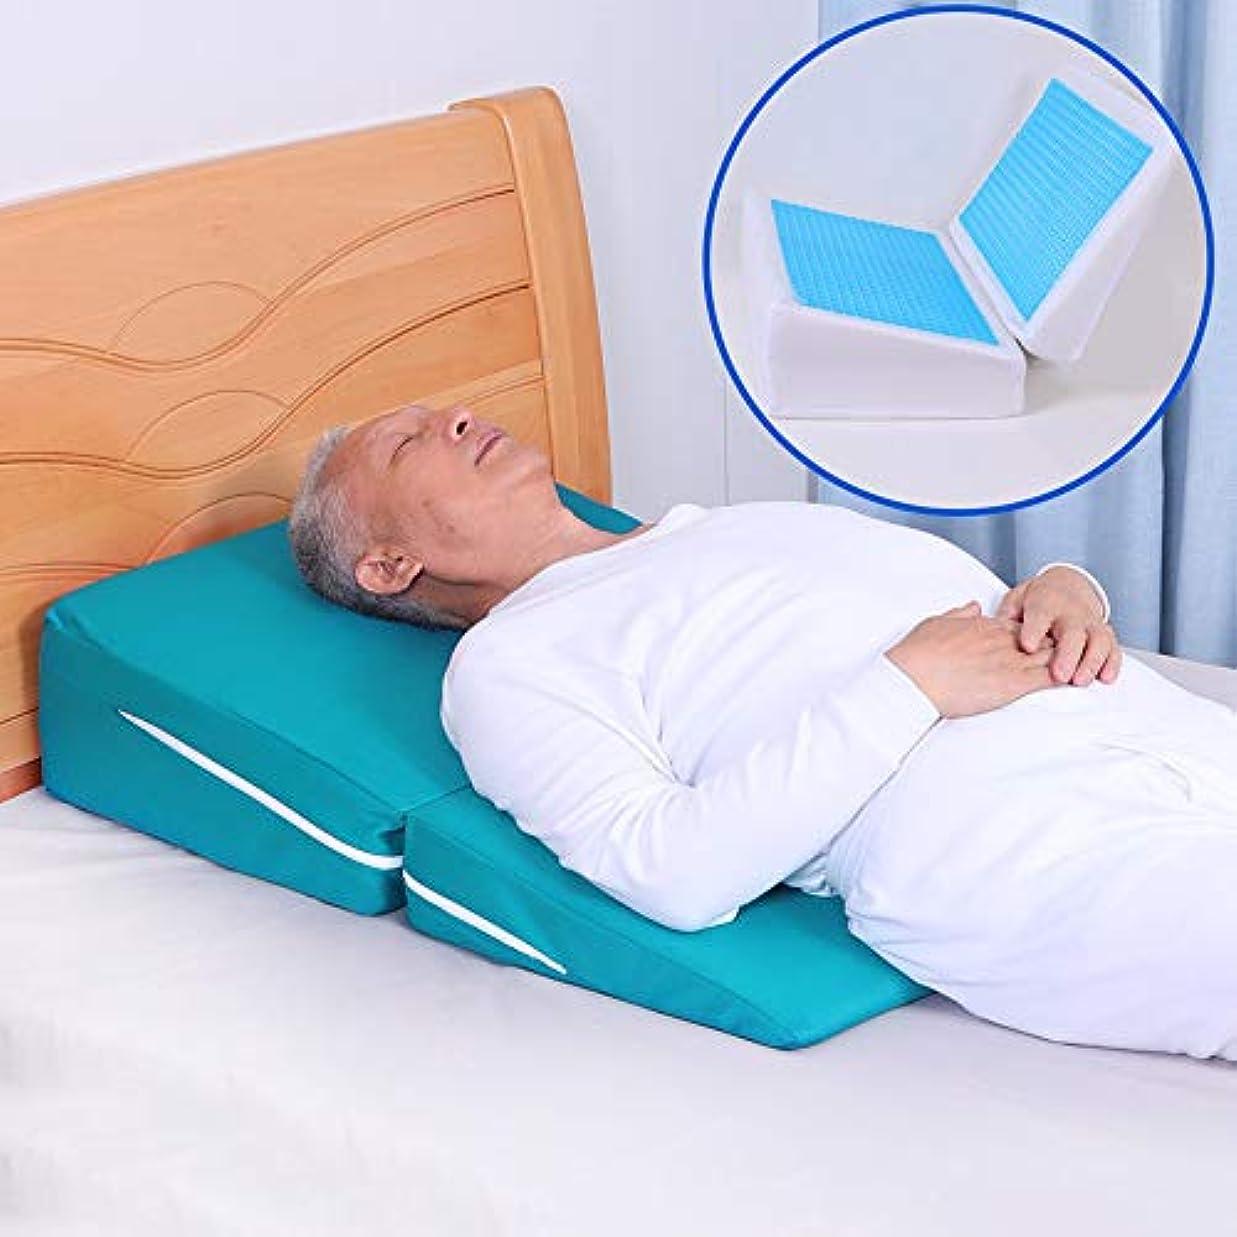 熱心飢饉段落いびき防止、ハートバーン、読書、腰痛、腰痛のための折りたたみ式メモリフォームベッドウェッジピロー-取り外し可能なカバー付きインクラインクッション